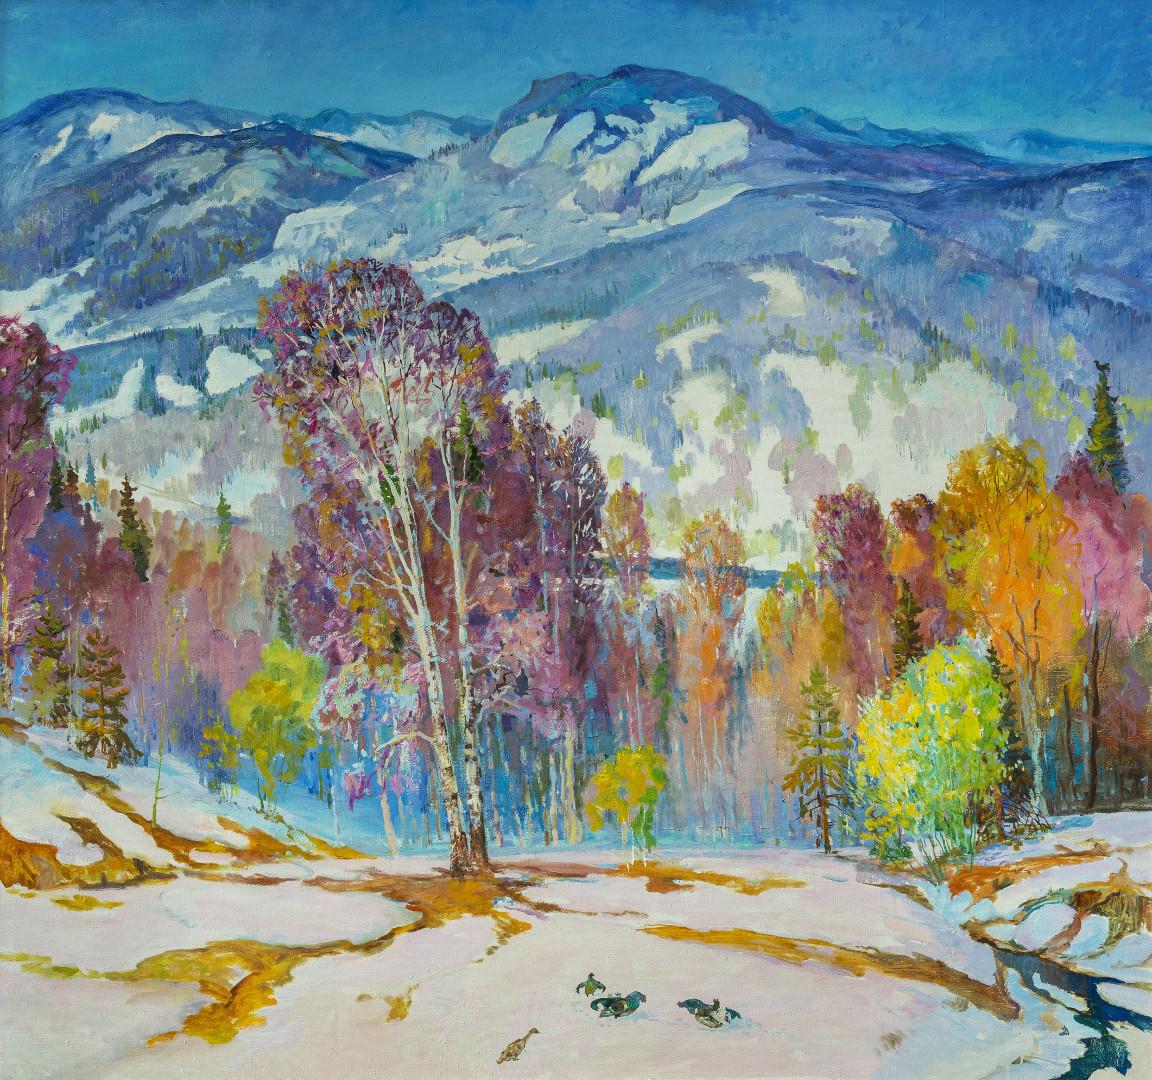 «Свежий ветер весны», Виктор Суздальцев, 2000, холст, масло